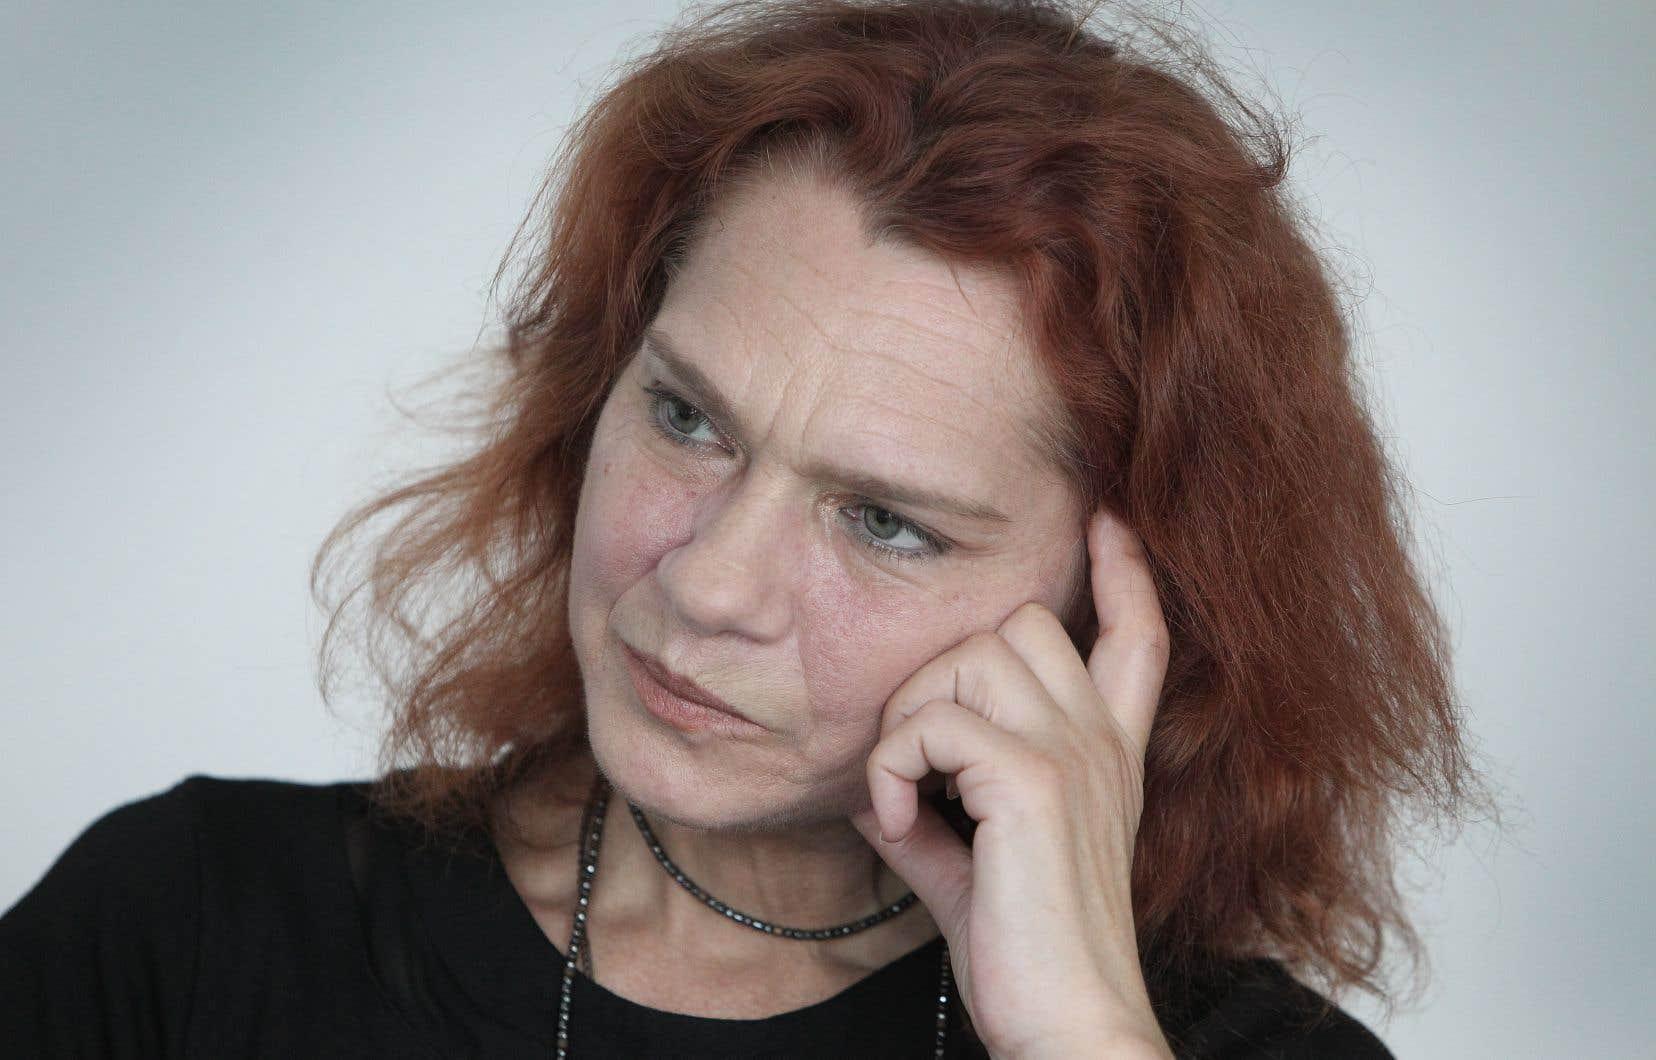 Au fil des pages, l'écrivaine turque traduit la souffrance et le désarroi de sa mère, de même que ceux de toutes les femmes.